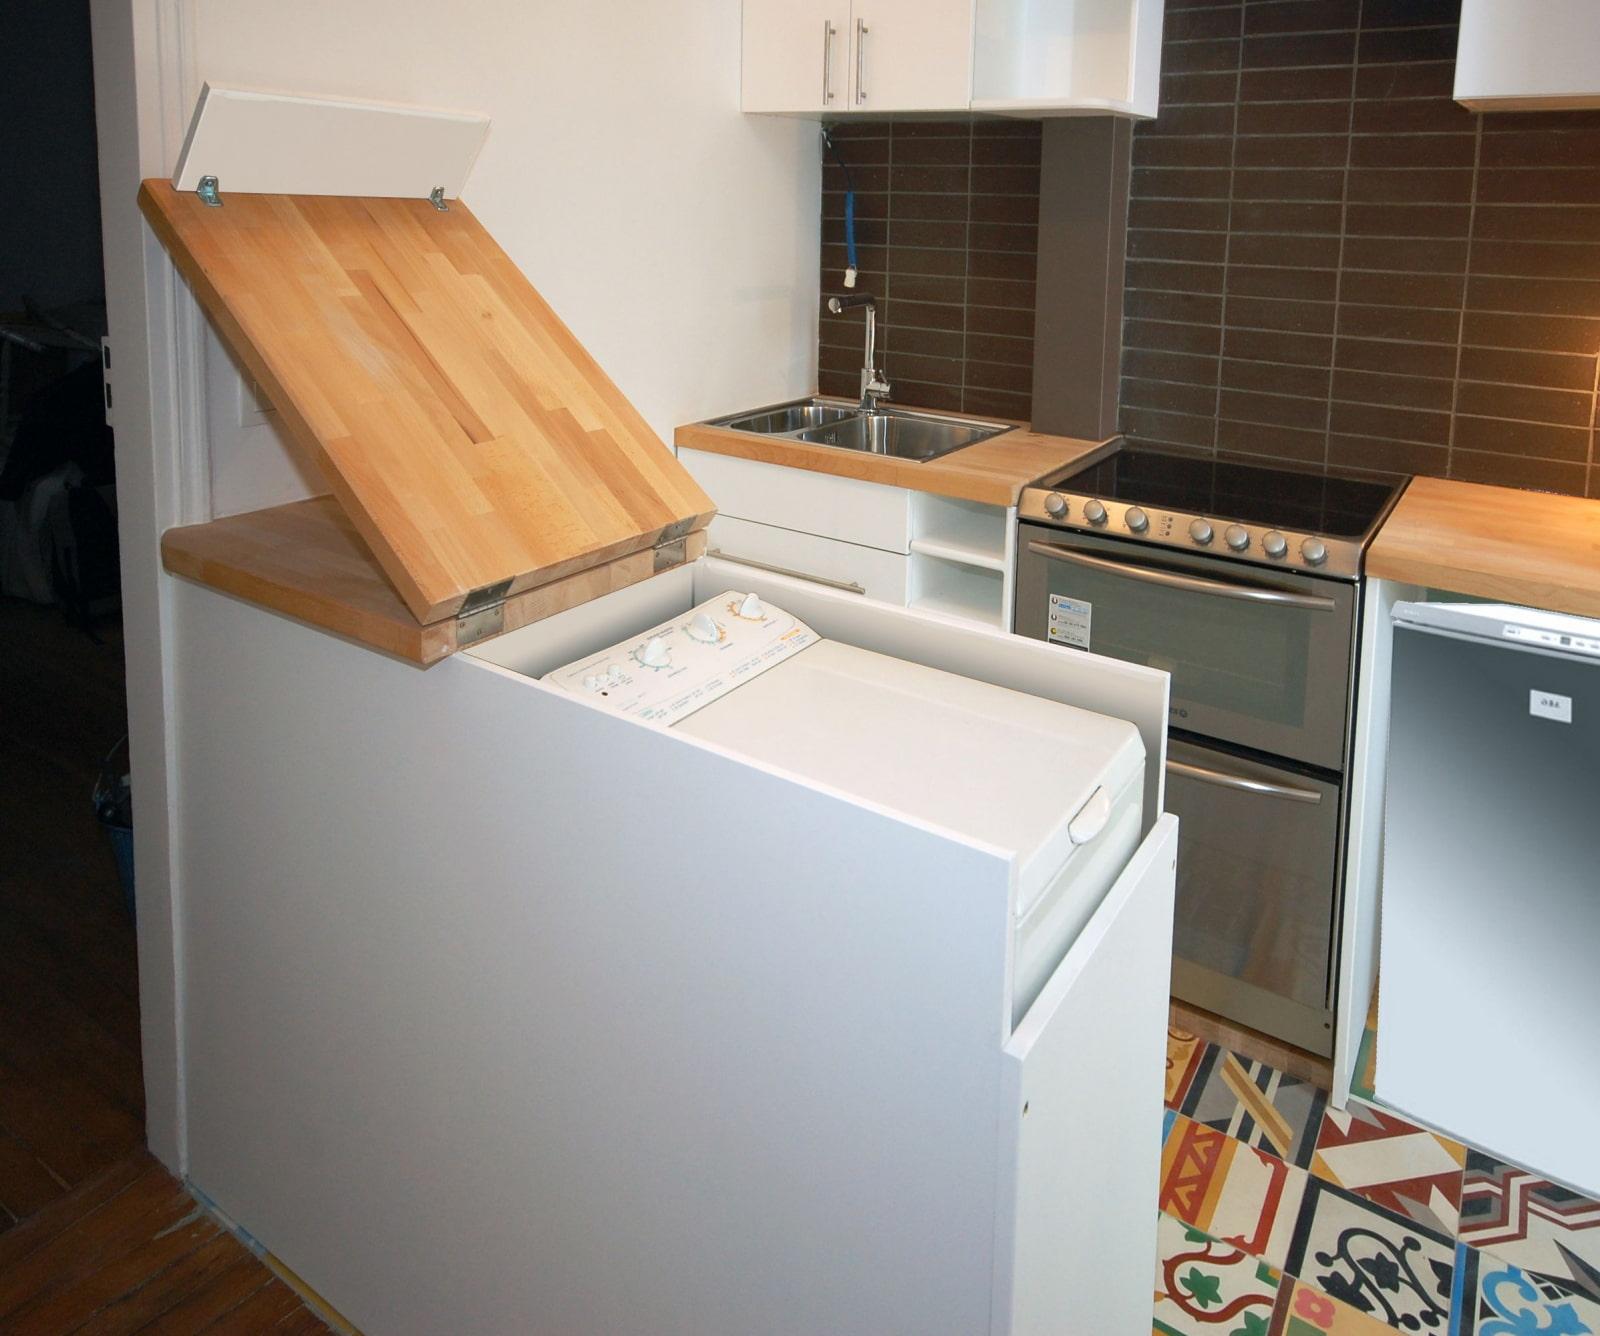 машинка с верхней загрузкой на кухне